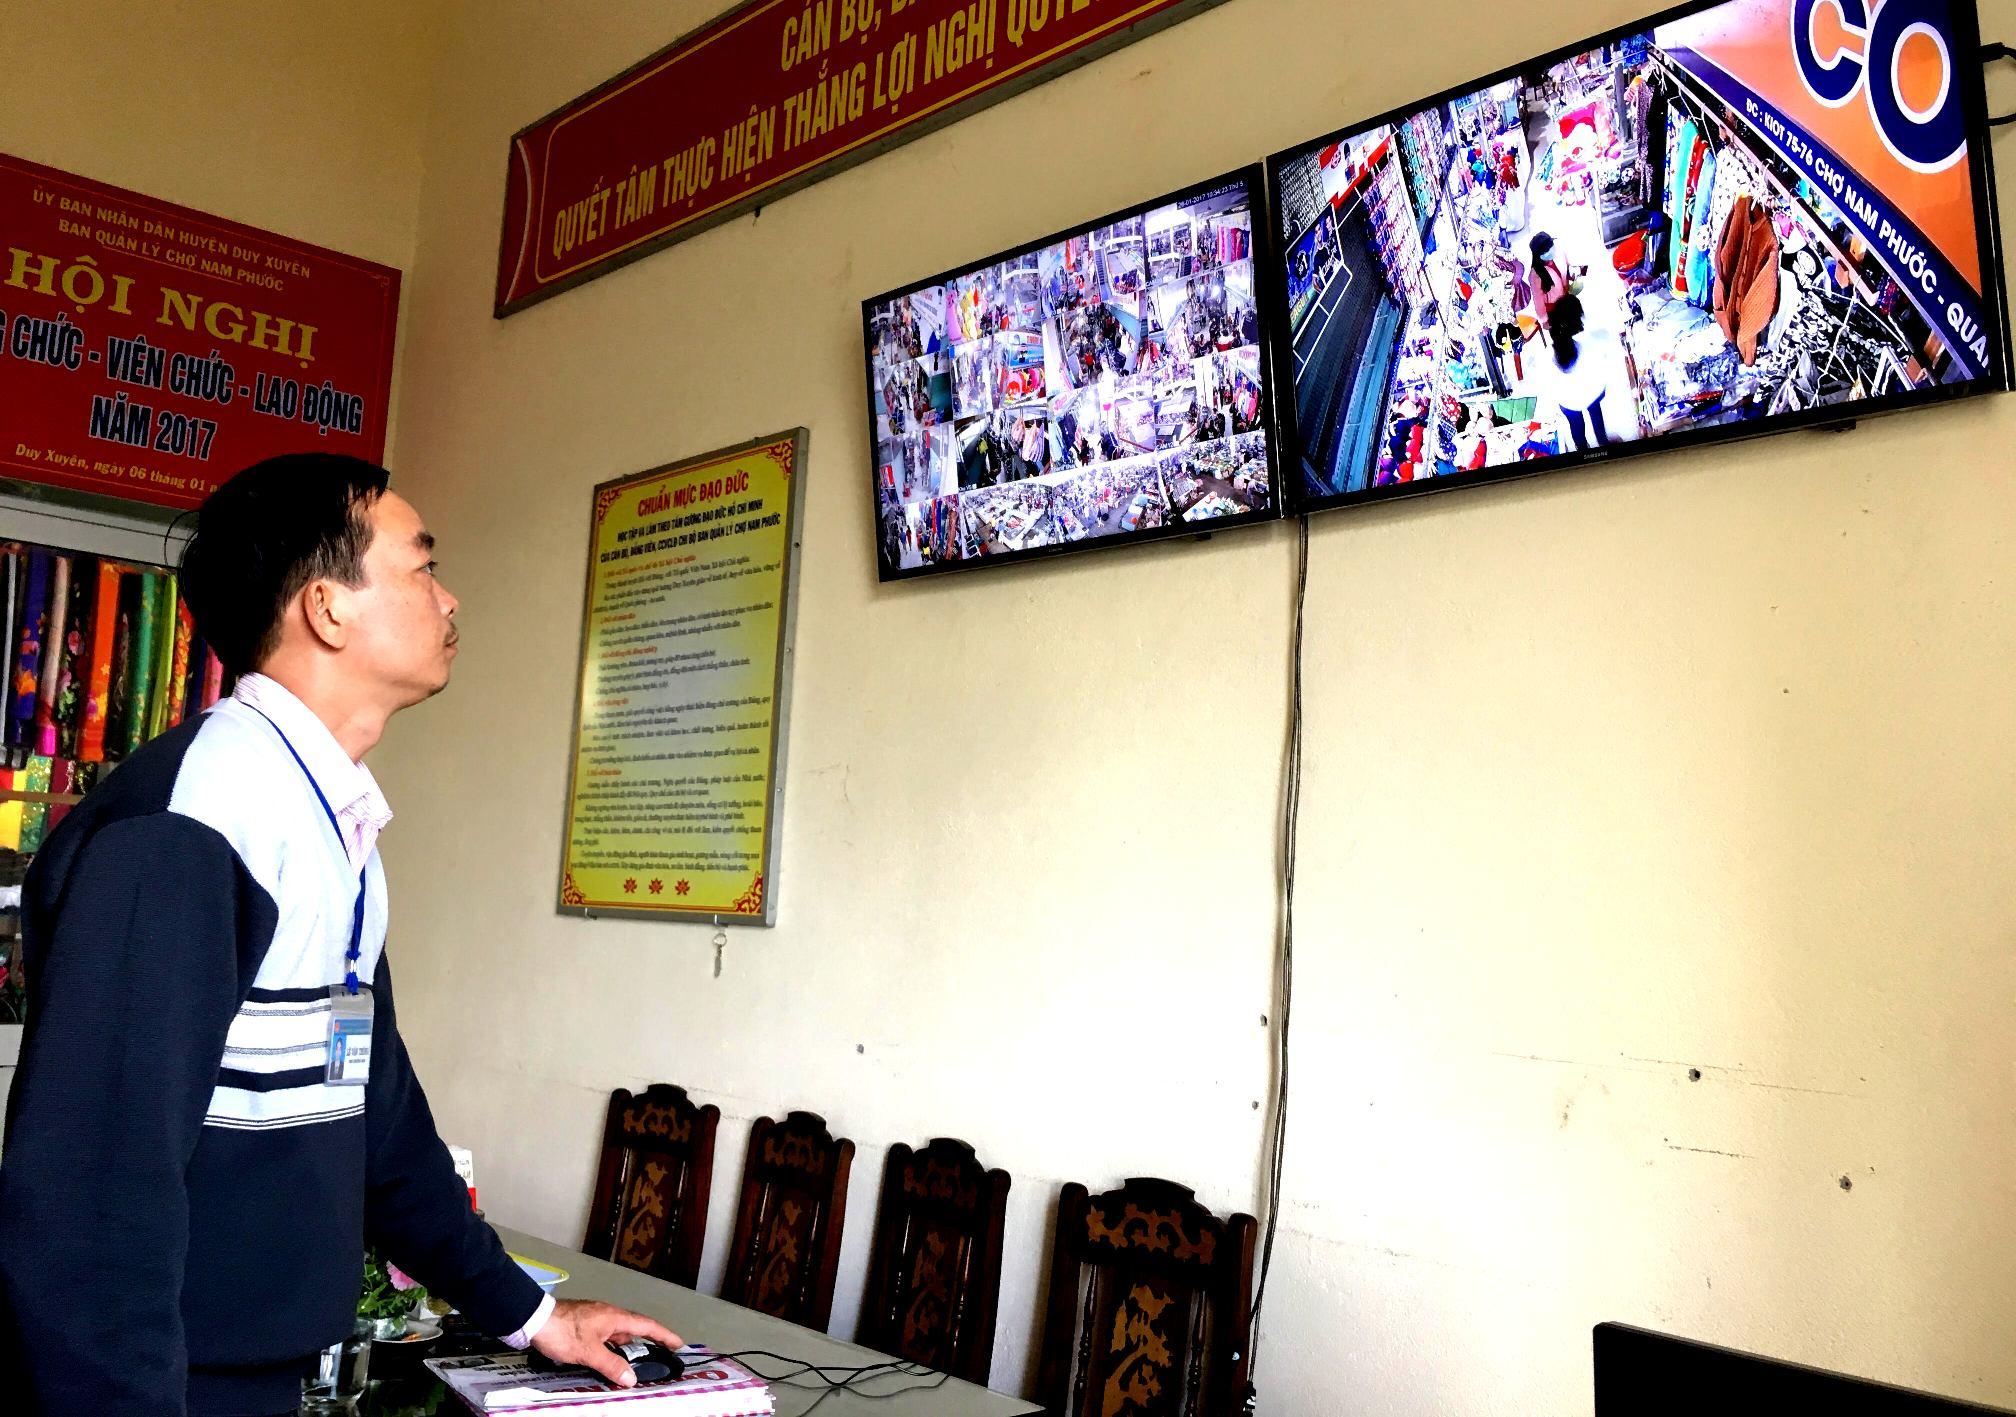 Mọi hoạt động mua bán đều được Ban quản lý chợ Nam Phước giám sát qua hệ thống camera.. Ảnh: PHAN VINH